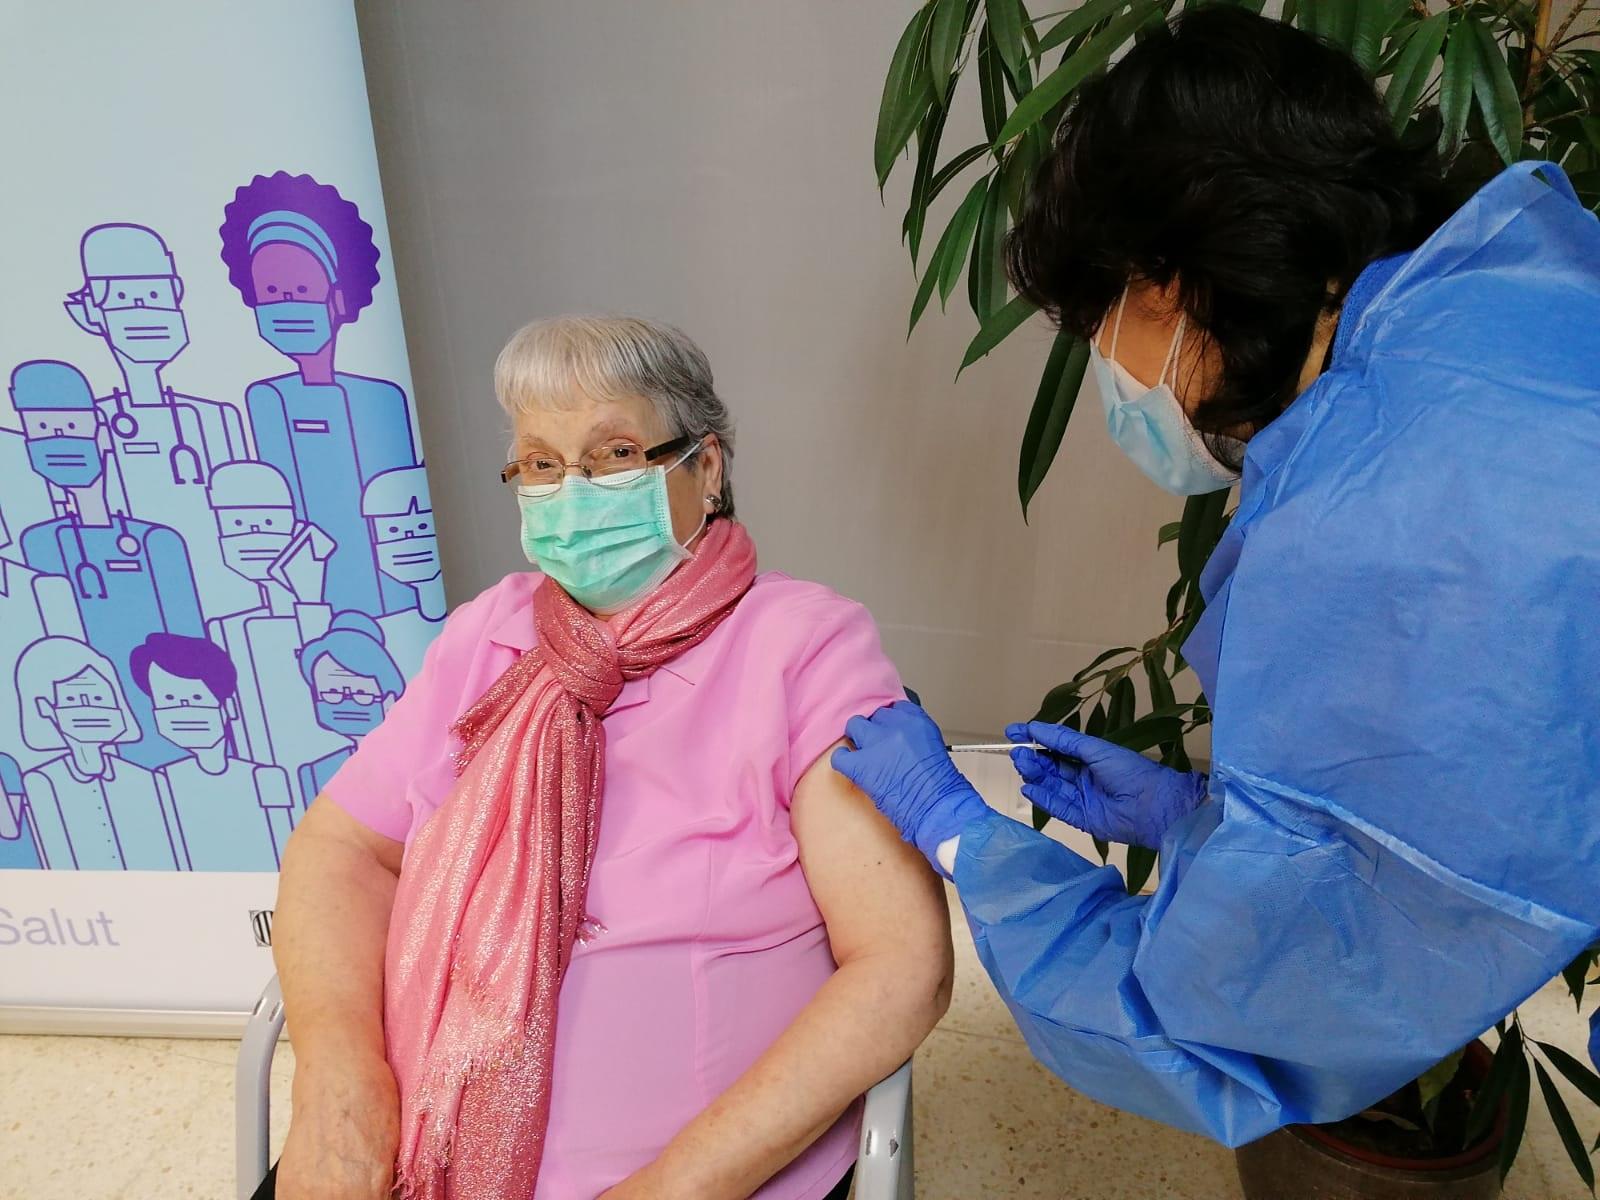 Antònia Sedó, una usuària de 93 anys de la residència Natzaret de Móra d'Ebre, rebent la segona dosi de la vacuna contra la covid-19 | ACN